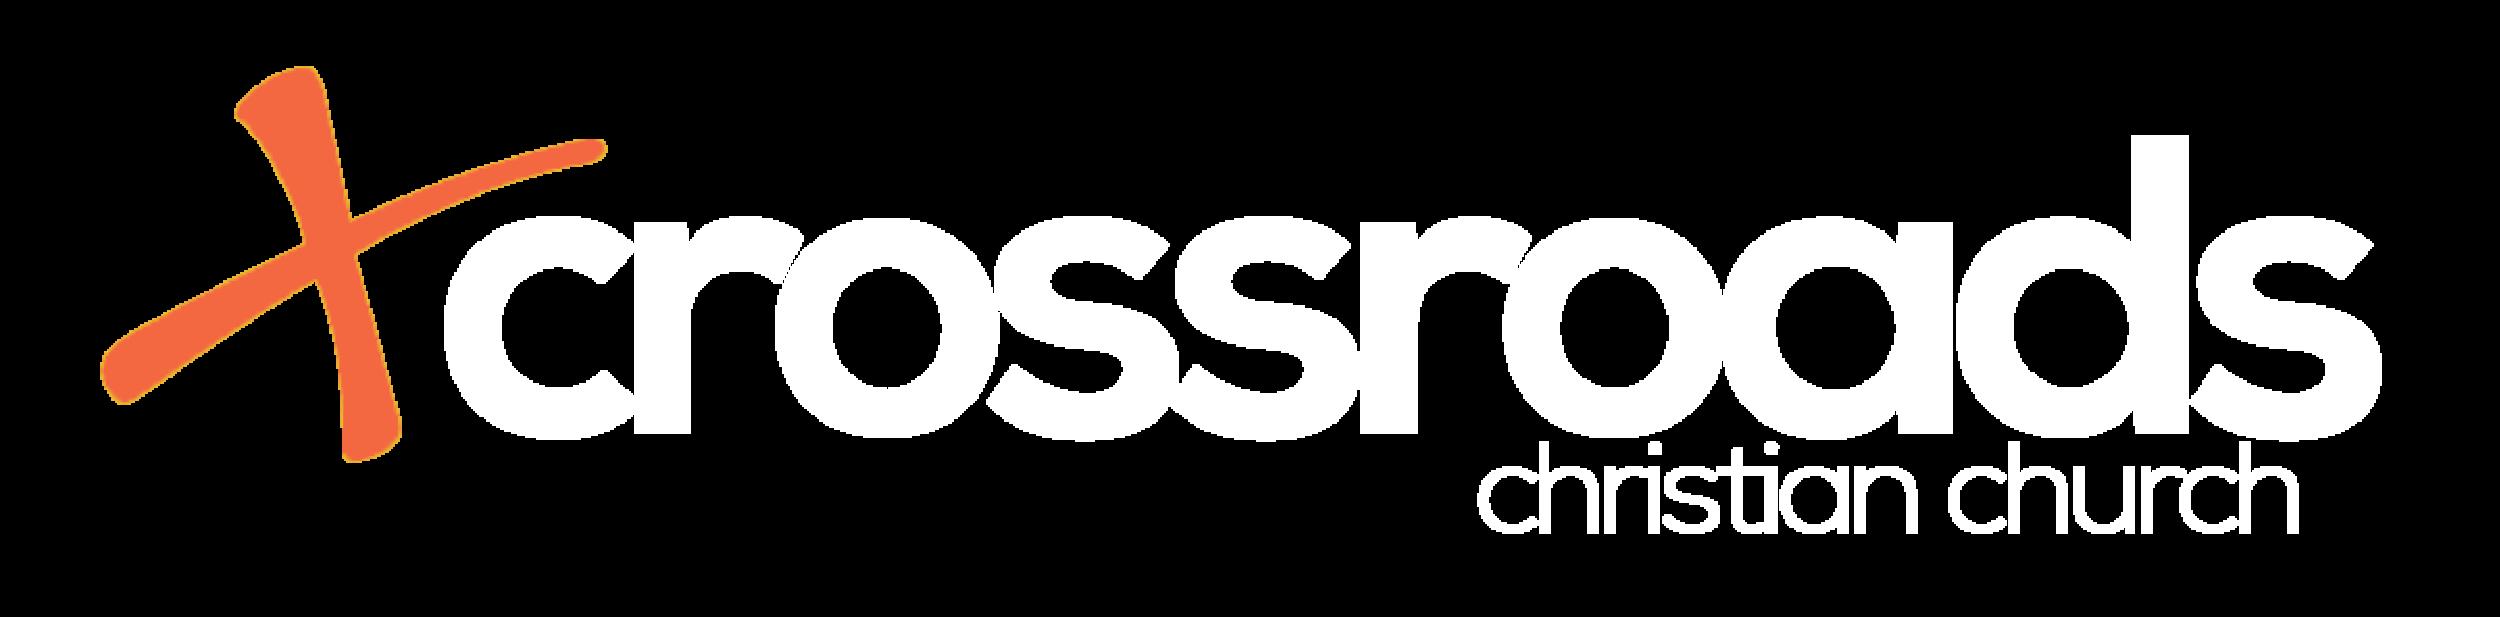 OrangeWhiteCrossroads Logo.png